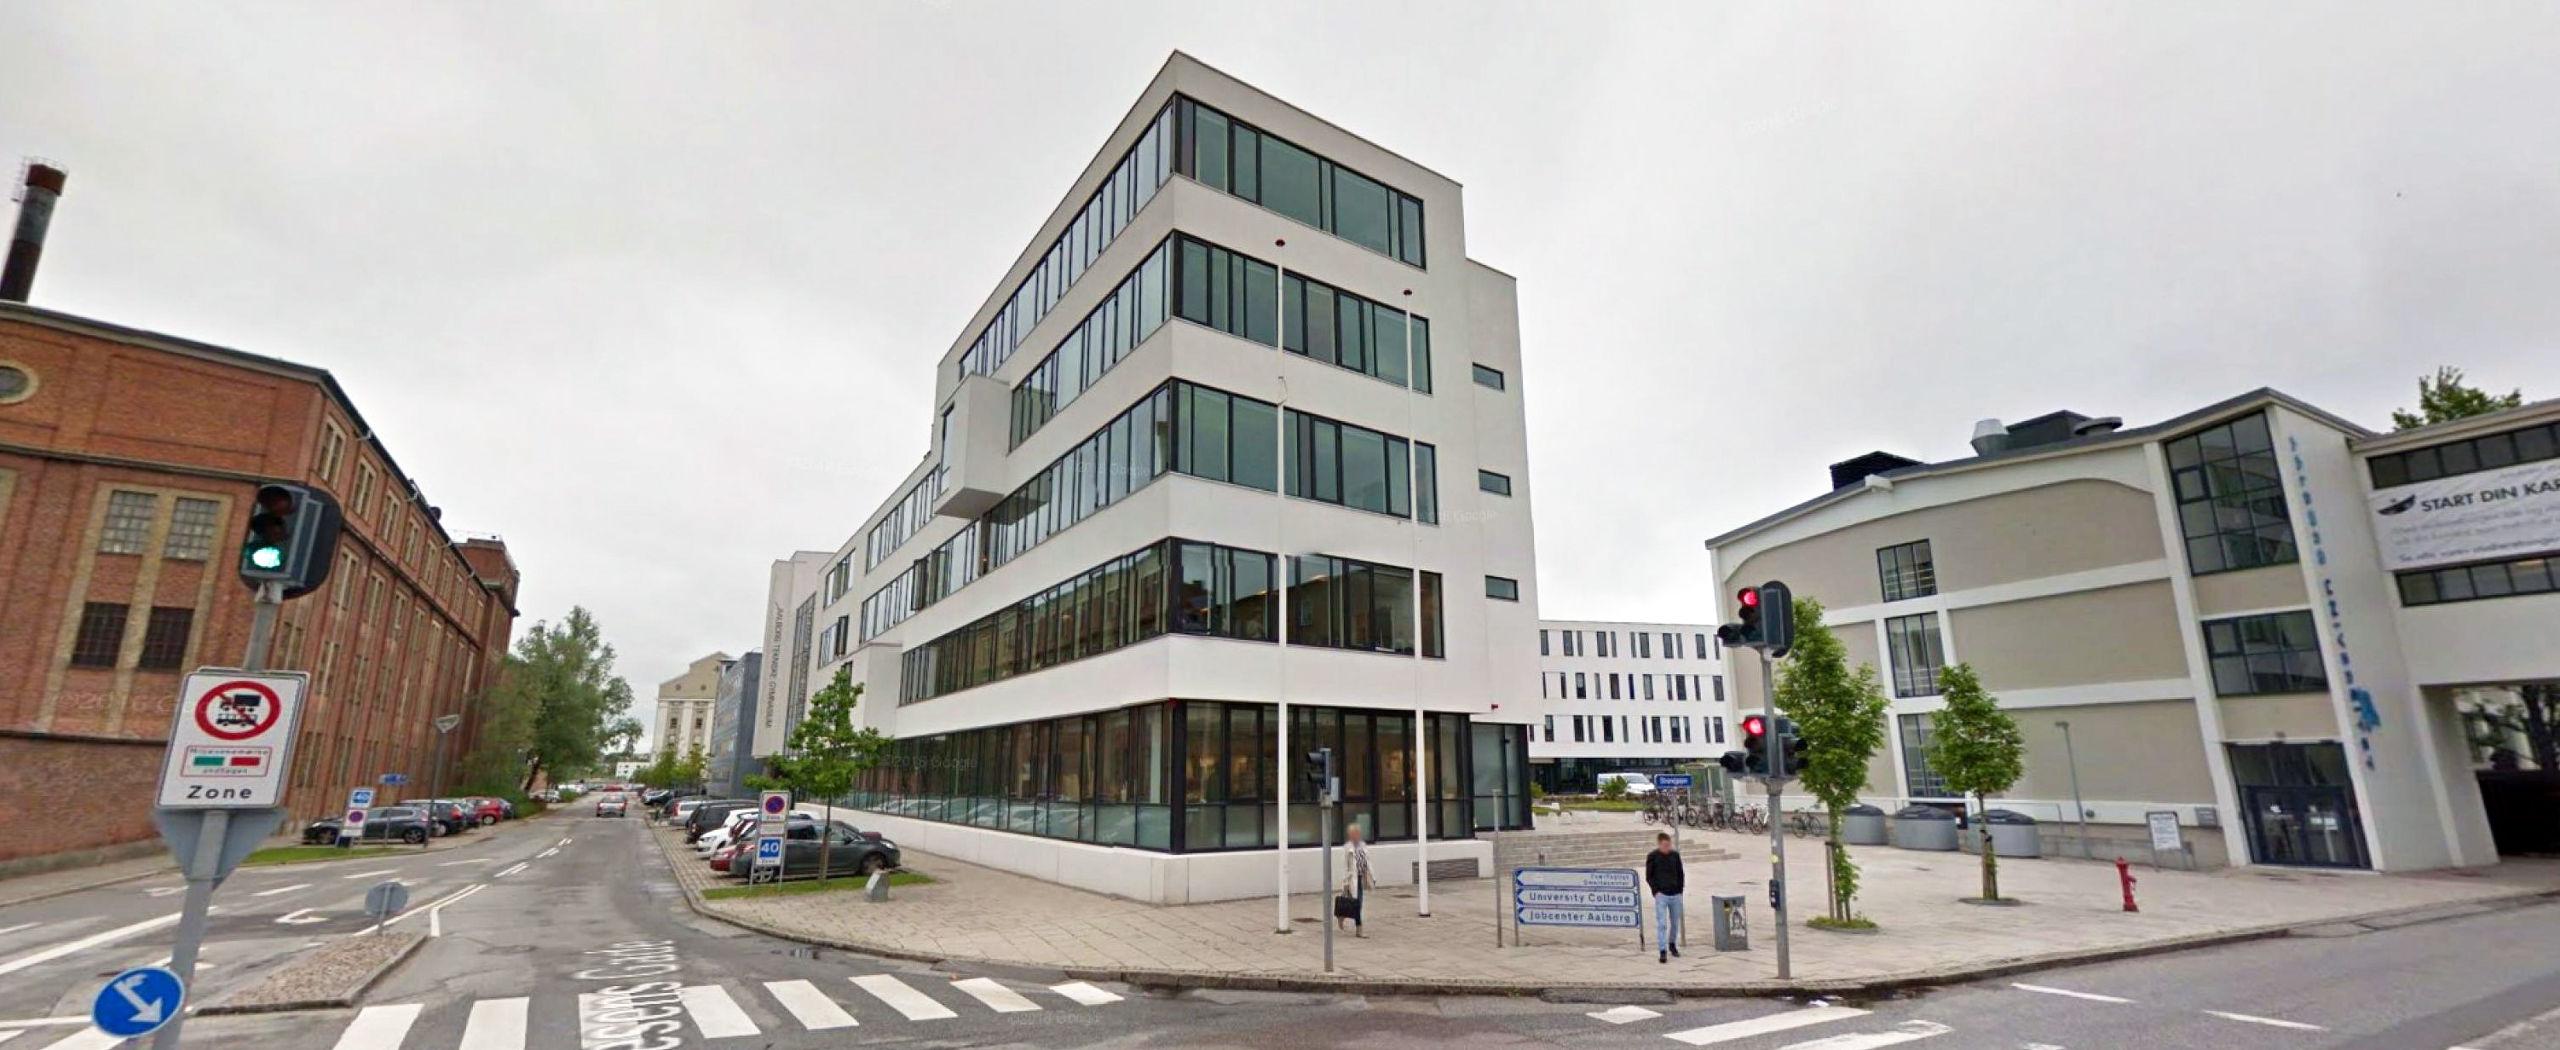 Det nye iværksætterhus skal have til huse i Vestbyen på  C. A. Olesens Gade 4. Privatfoto